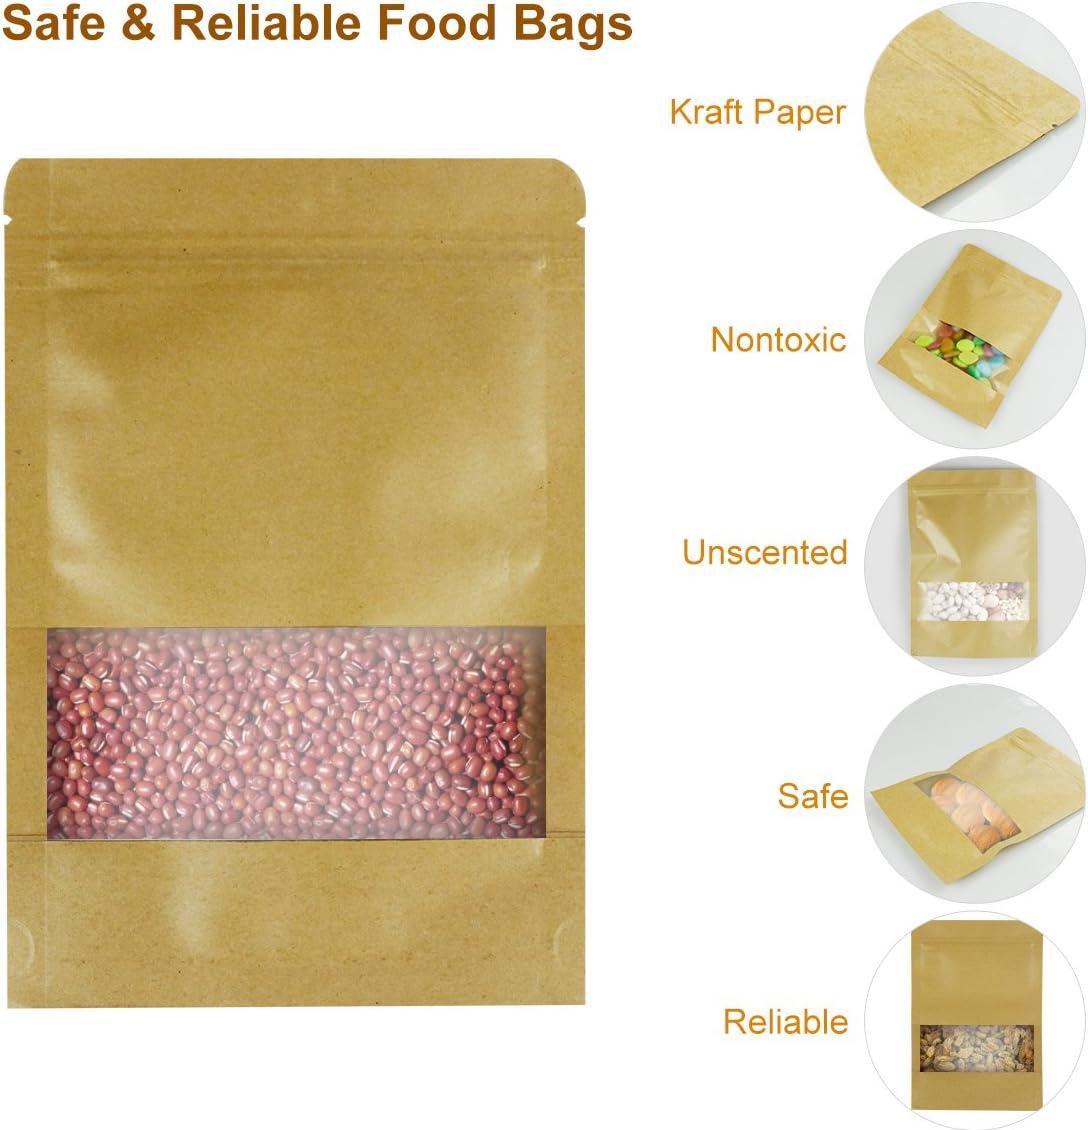 para t/é semillas y aperitivos 9 * 14 * 3cm frutos secos Paquete de 50 bolsas de papel Kraft con cierre herm/ético reutilizables para almacenamiento de alimentos con ventana caf/é jud/ías